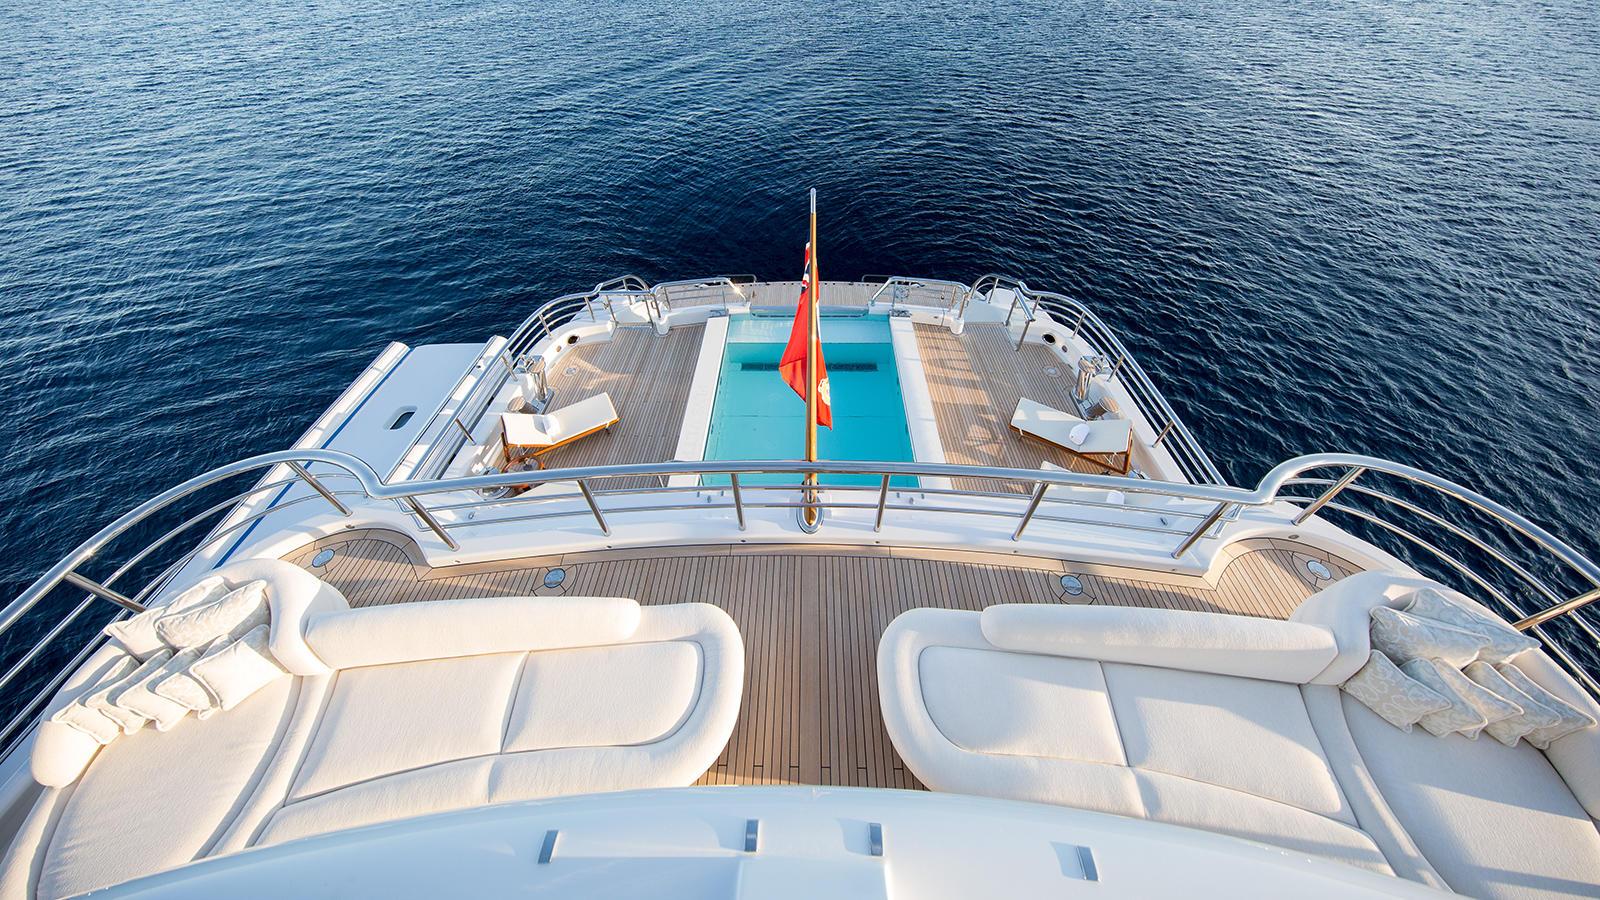 I5XymhqTcuRKYdebpq9g_Plvs-Vltra-Amels-LE242-yacht-aft-deck-credit-Jeff-Brown-1600x900